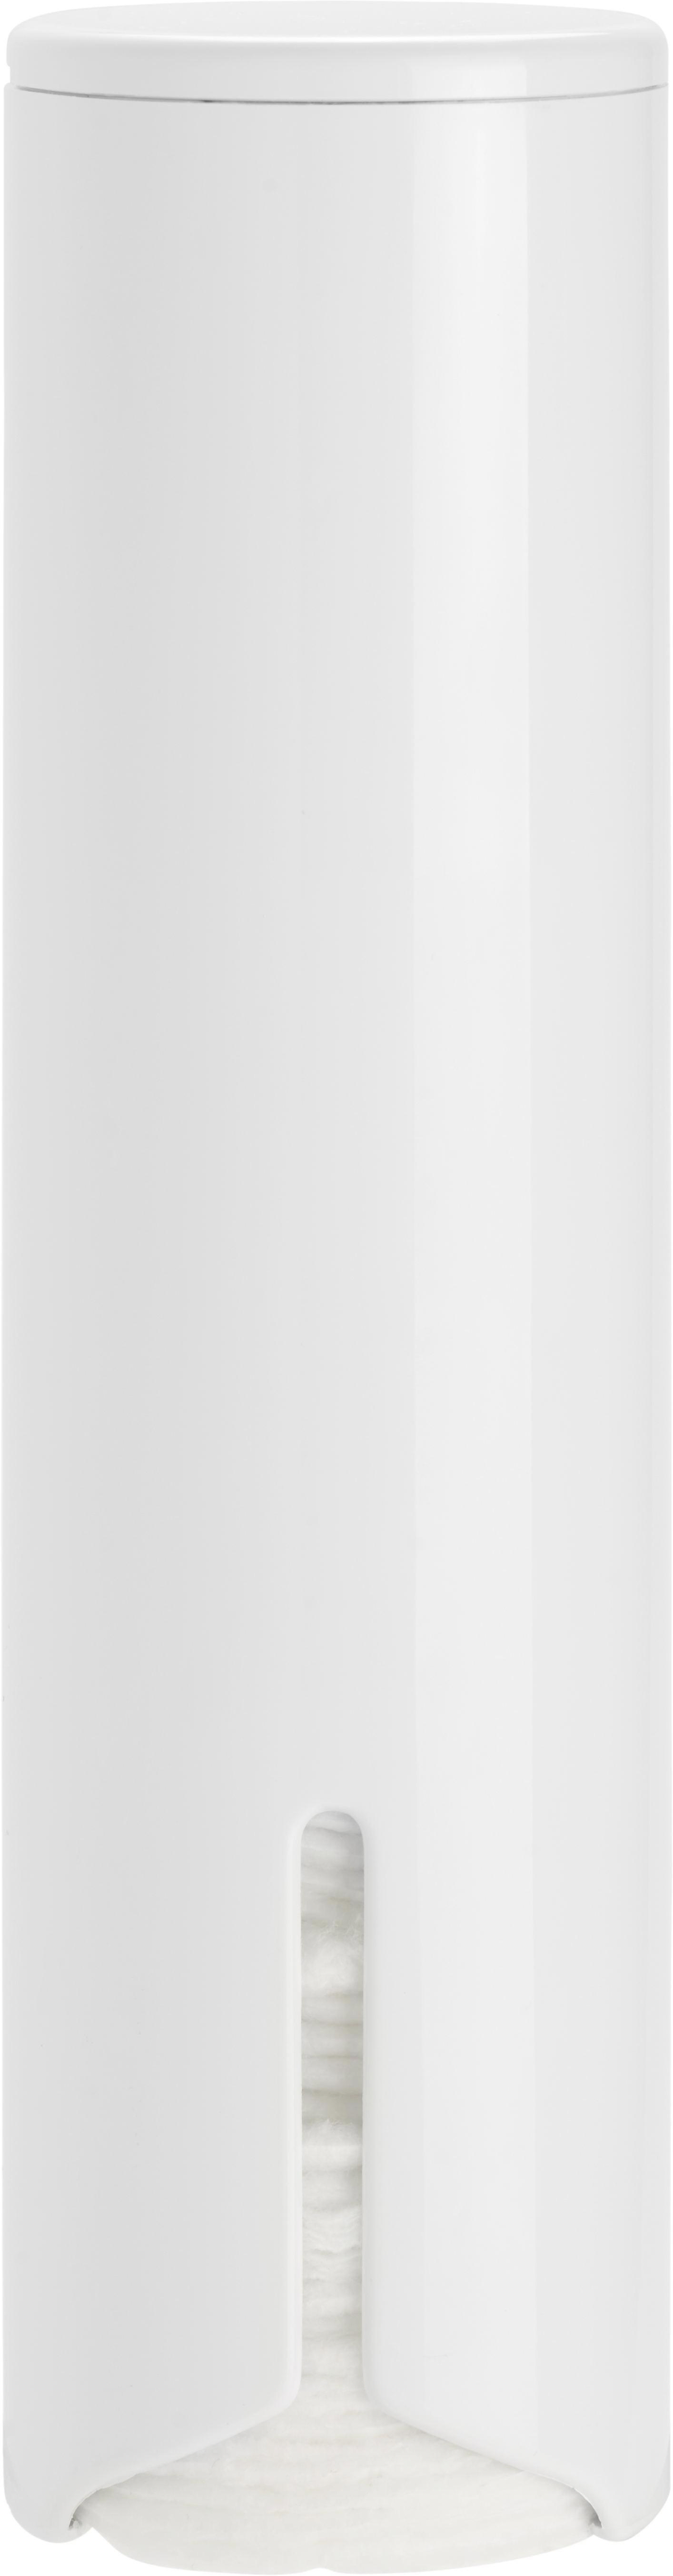 Wattedose Fm in Weiß - Weiß, Kunststoff (6,5/24/6,5cm) - MÖMAX modern living